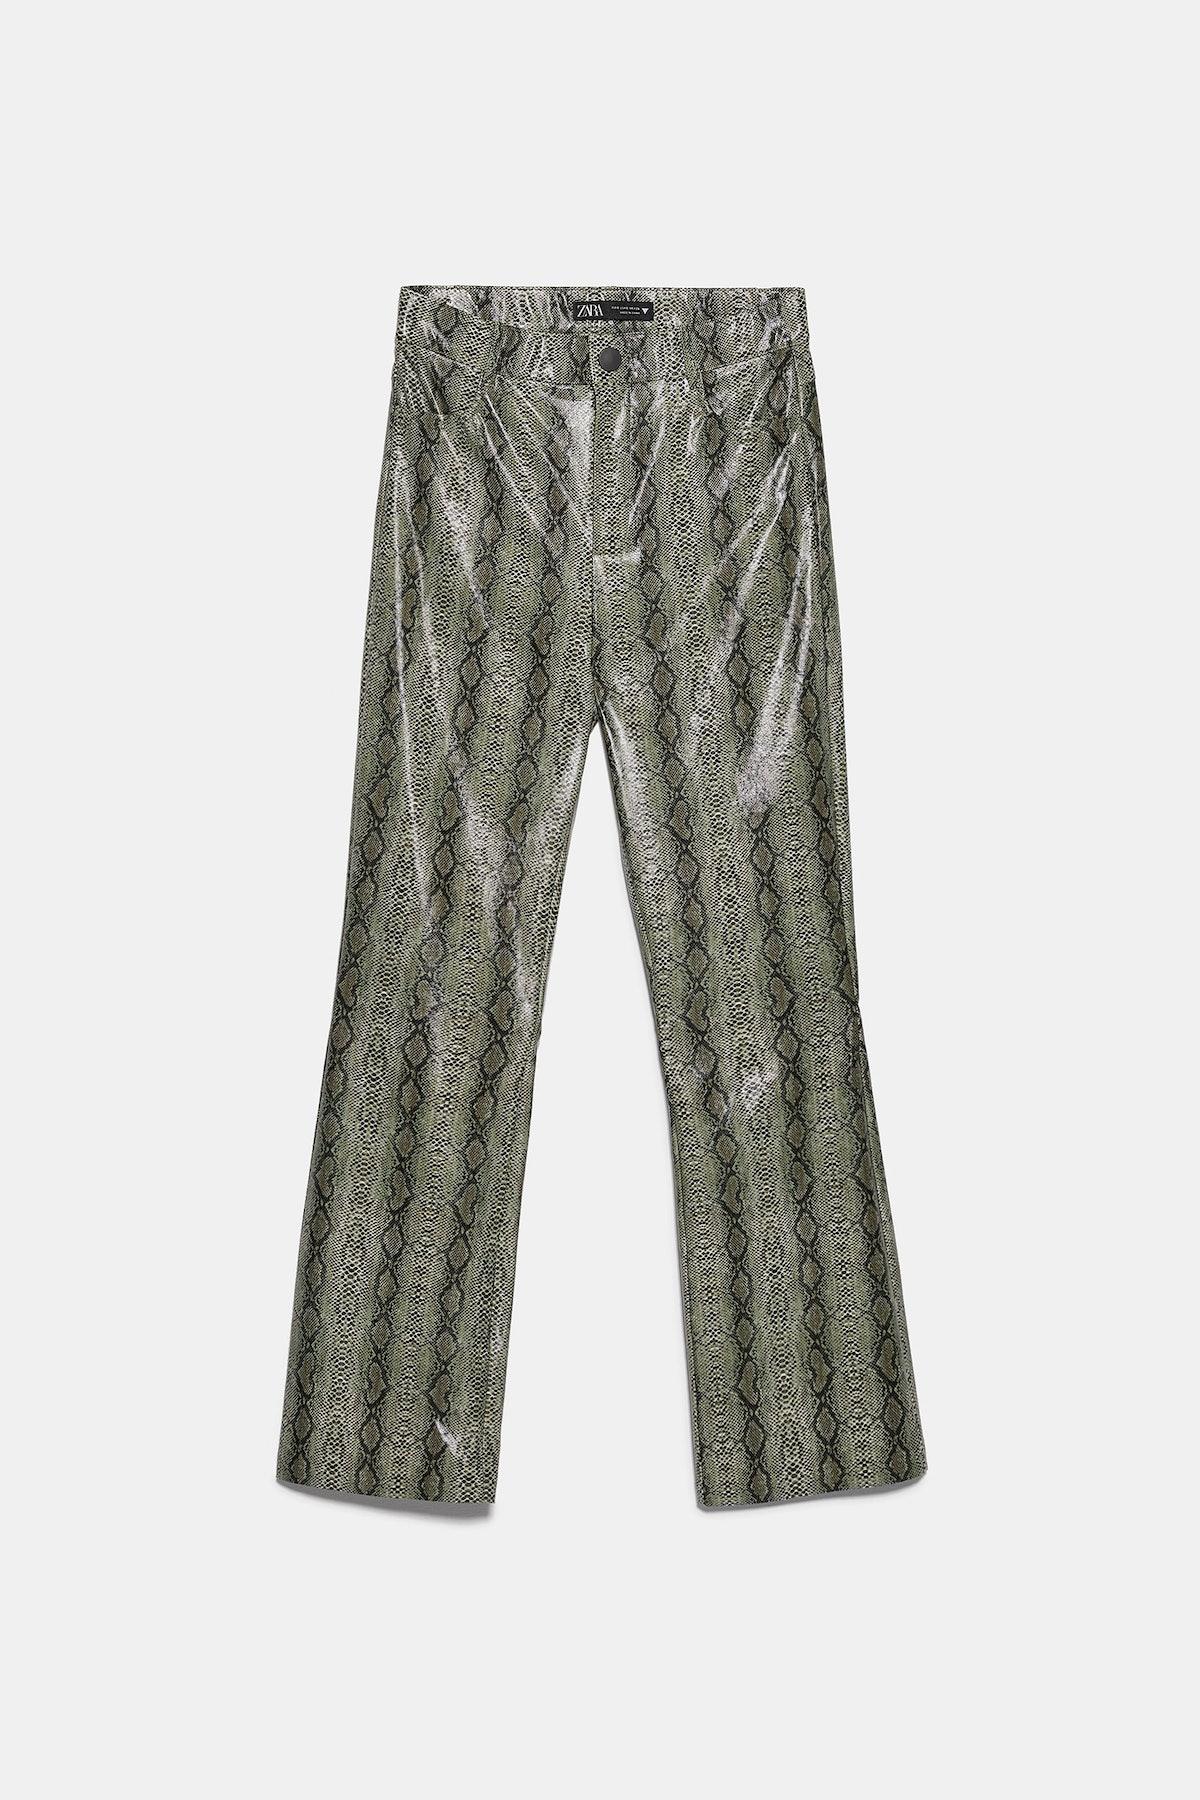 Snakeskin Print Mini Flare Pants